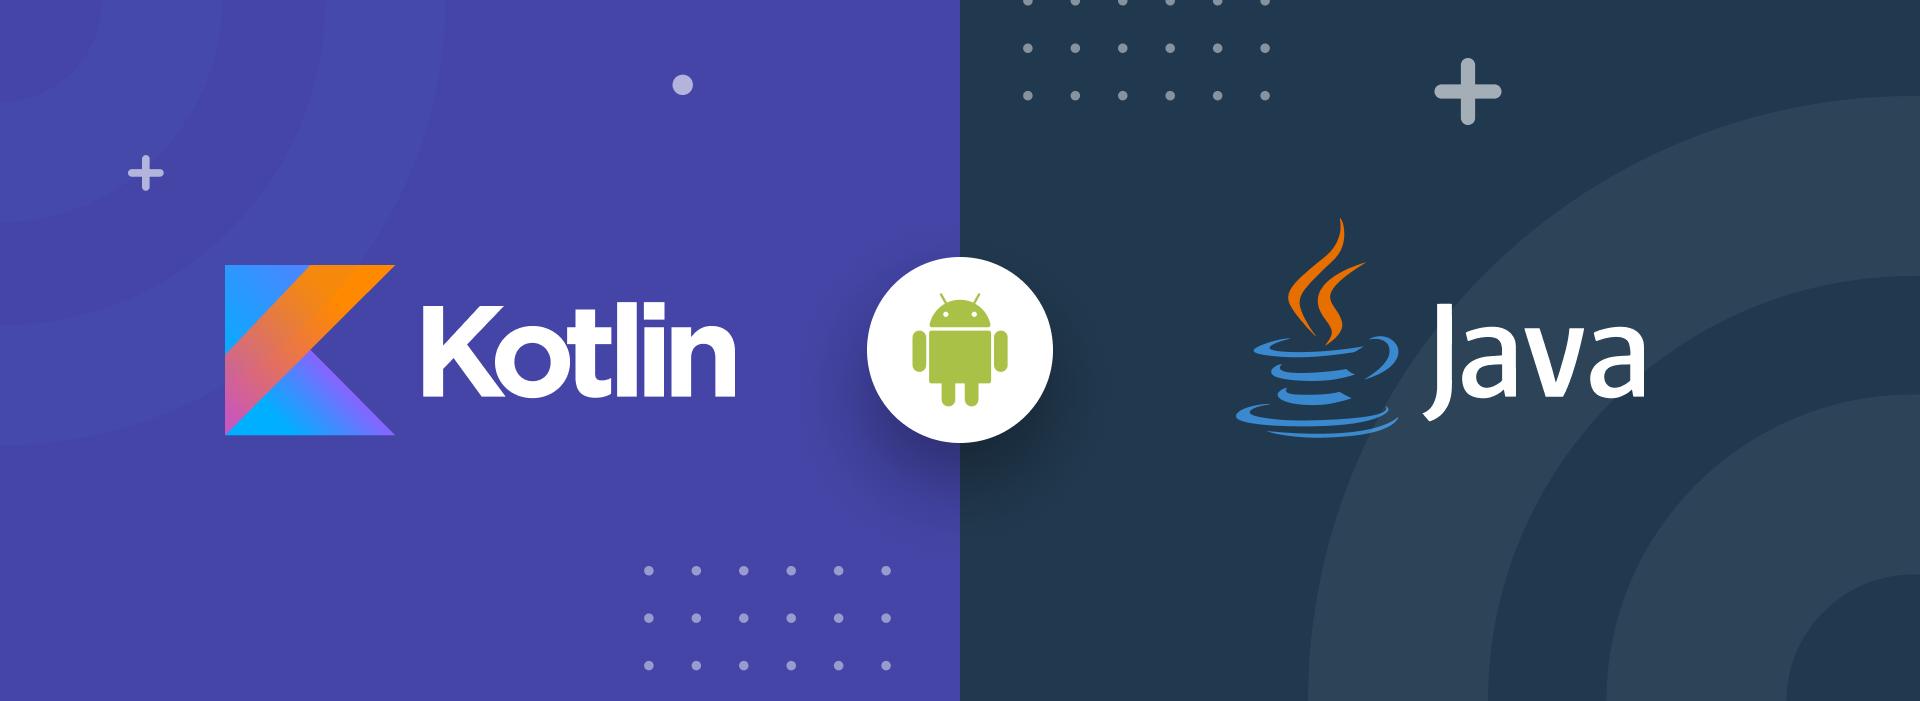 انتخاب زبان کاتلین بعنوان زبان اصلی اپلیکیشن های اندرویدی